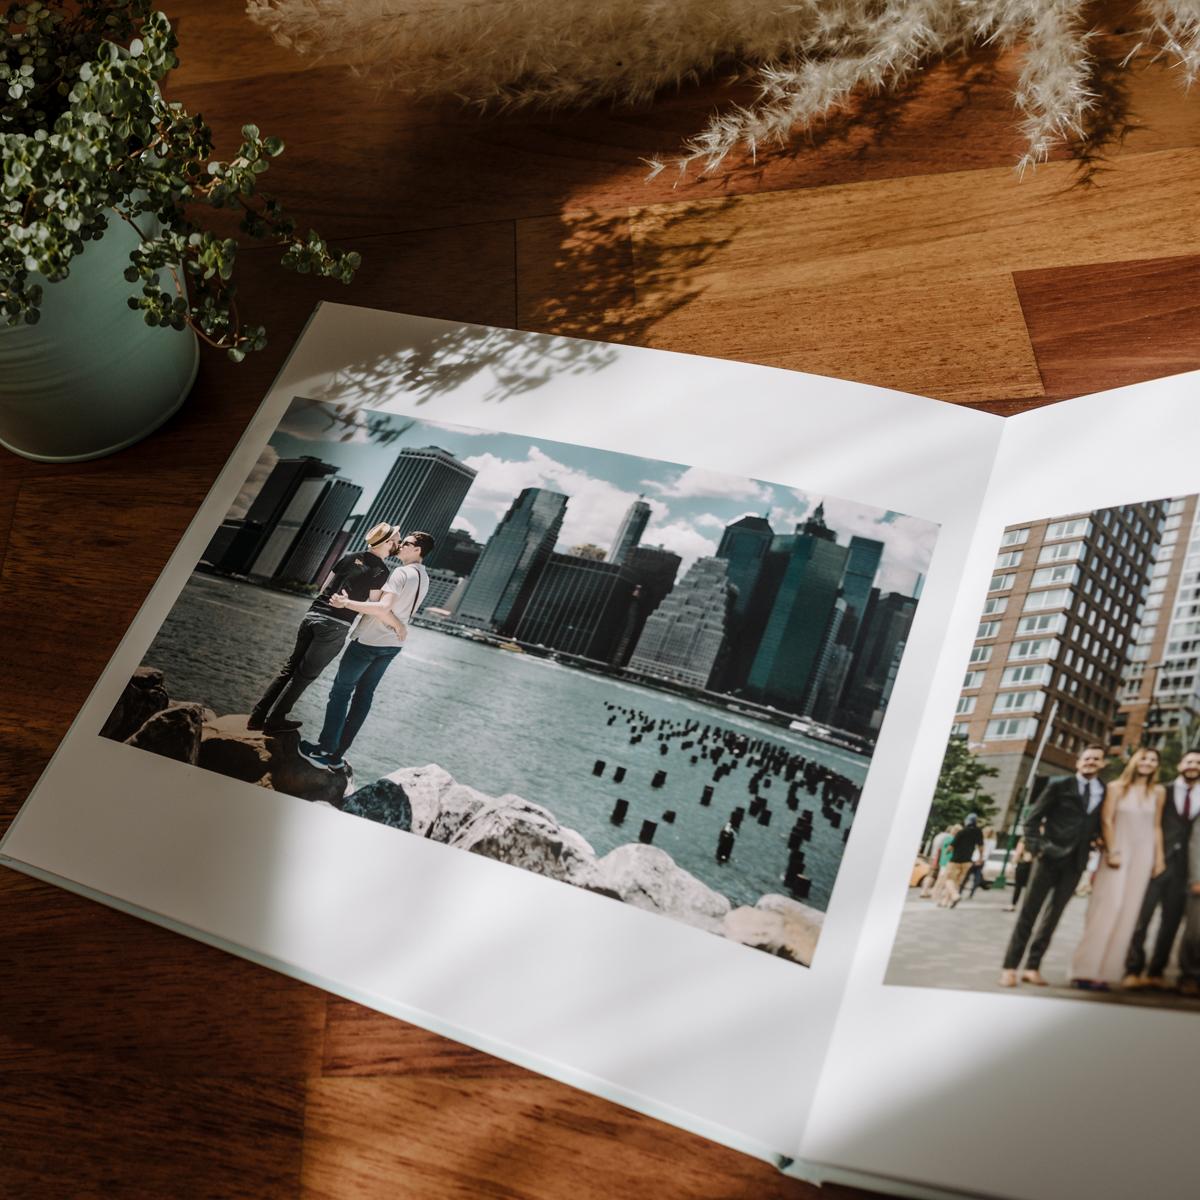 Album-SAAL-digital-book-JAF-{Nº de secuencia (001)»}-19.jpg